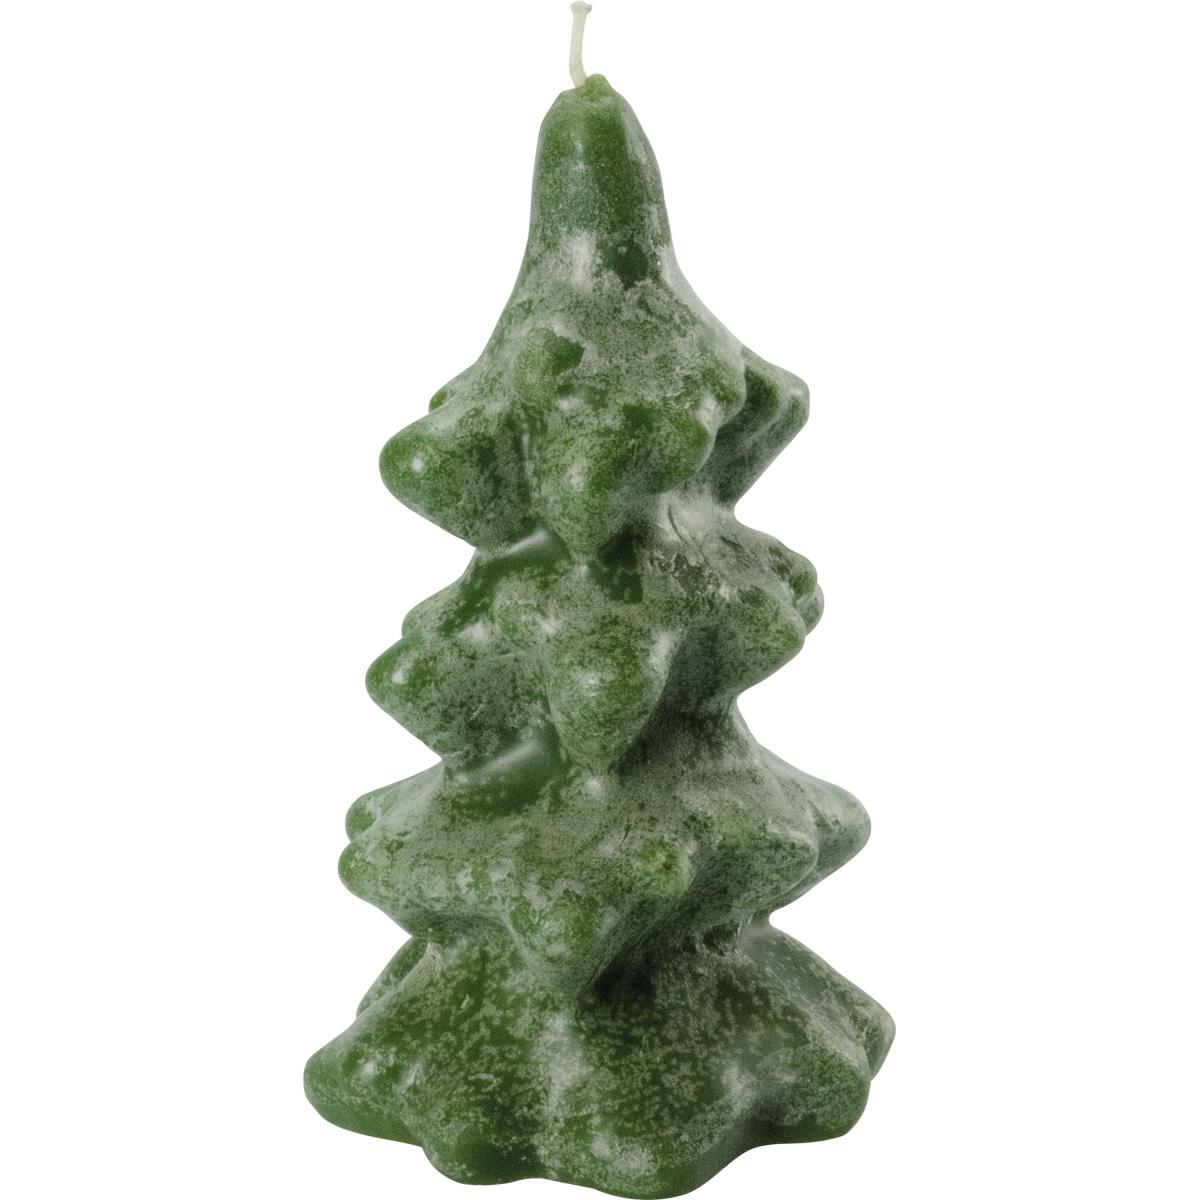 Weihnachtskerze, Tanne, 4-stufig, Höhe = 14 cm, jägergrün